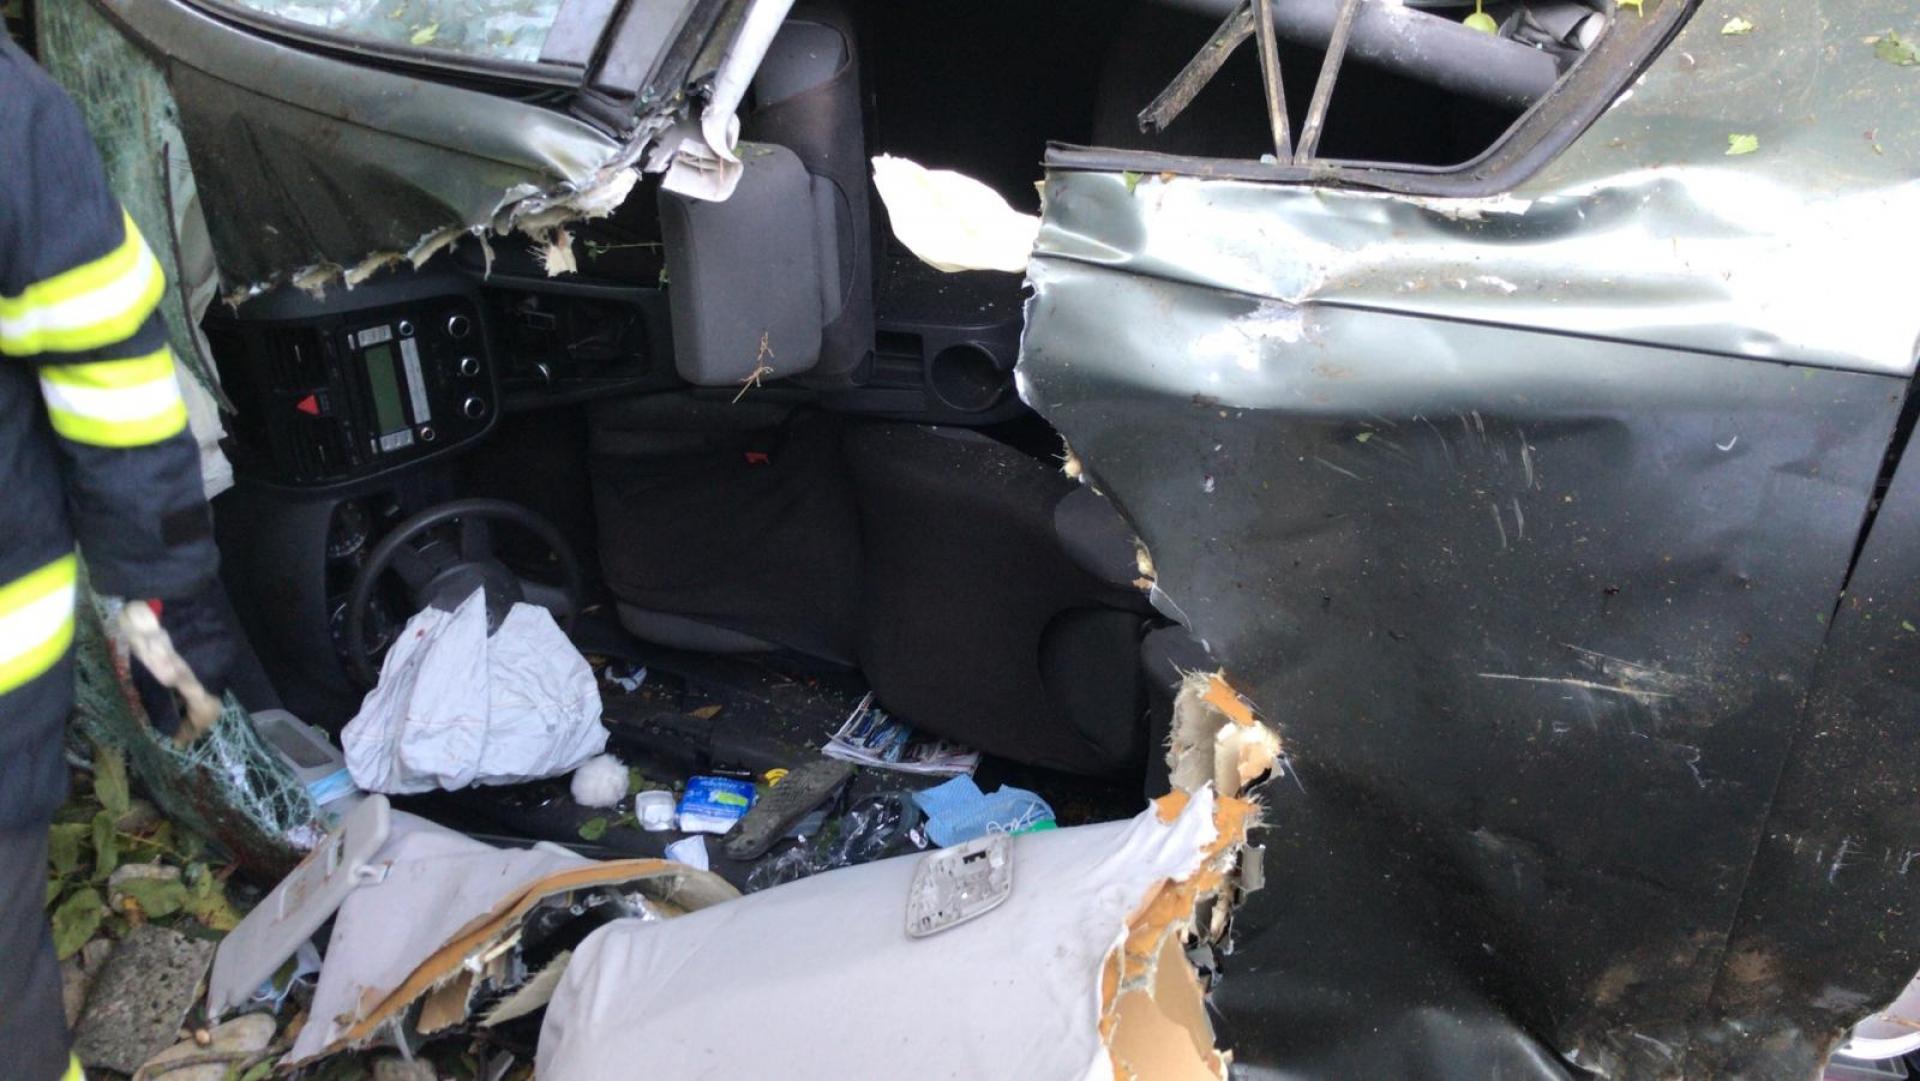 A făcut praf o gospodărie, după ce a pierdut controlul volanului. Doi oameni au ajuns la spital. VIDEO